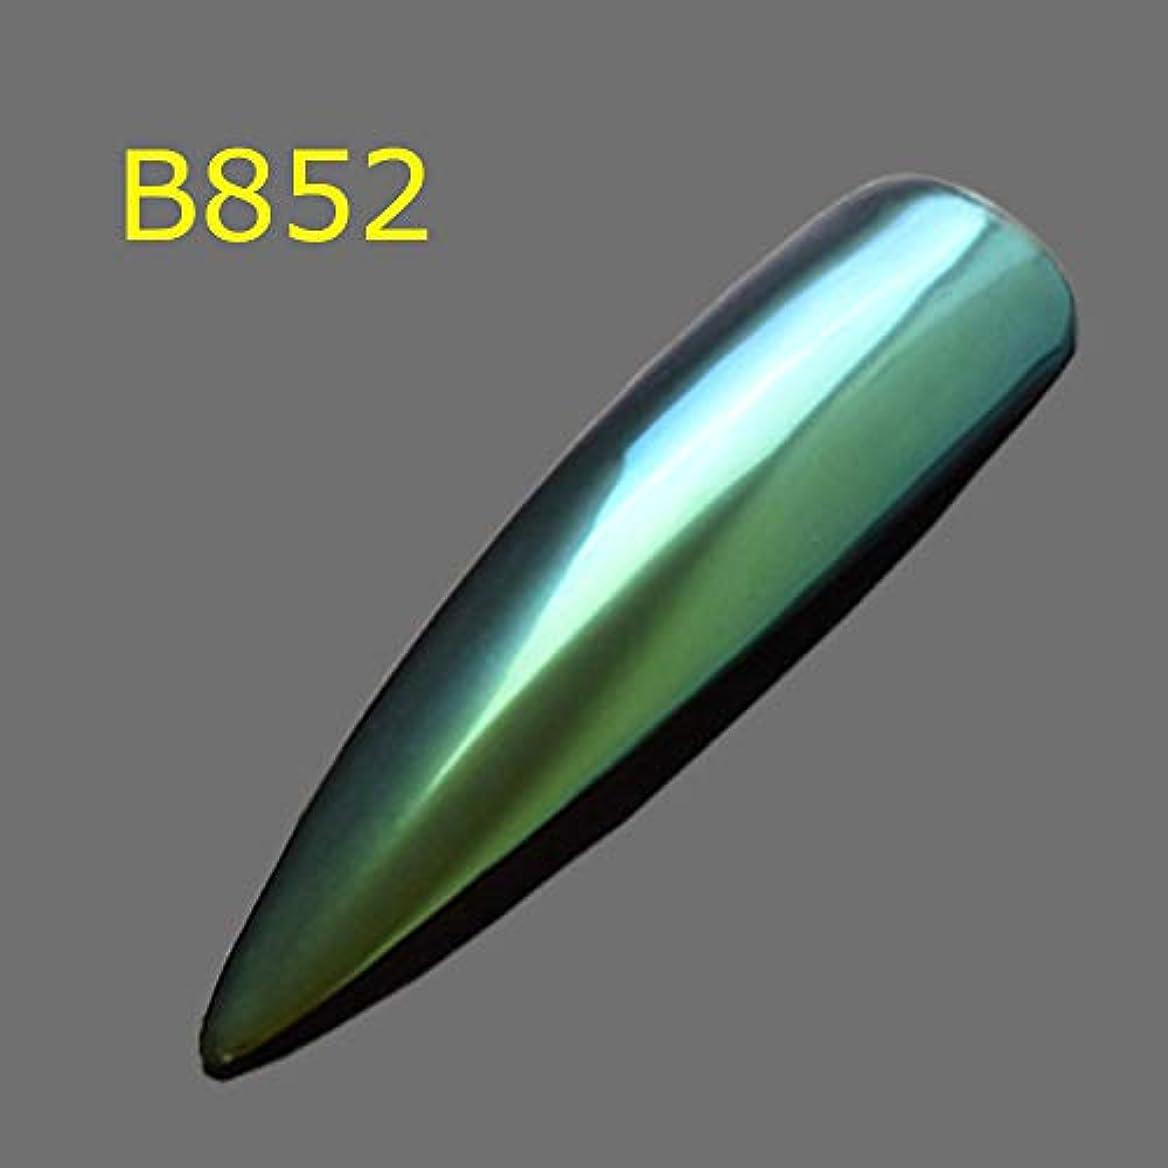 構造反響する動機付ける1ピースキラキラカメレオンフレークマジック効果グラデーションホログラフィックカラーネイルグリッターパウダーダストポリッシュジェルマニキュアSAB801-8800 B852